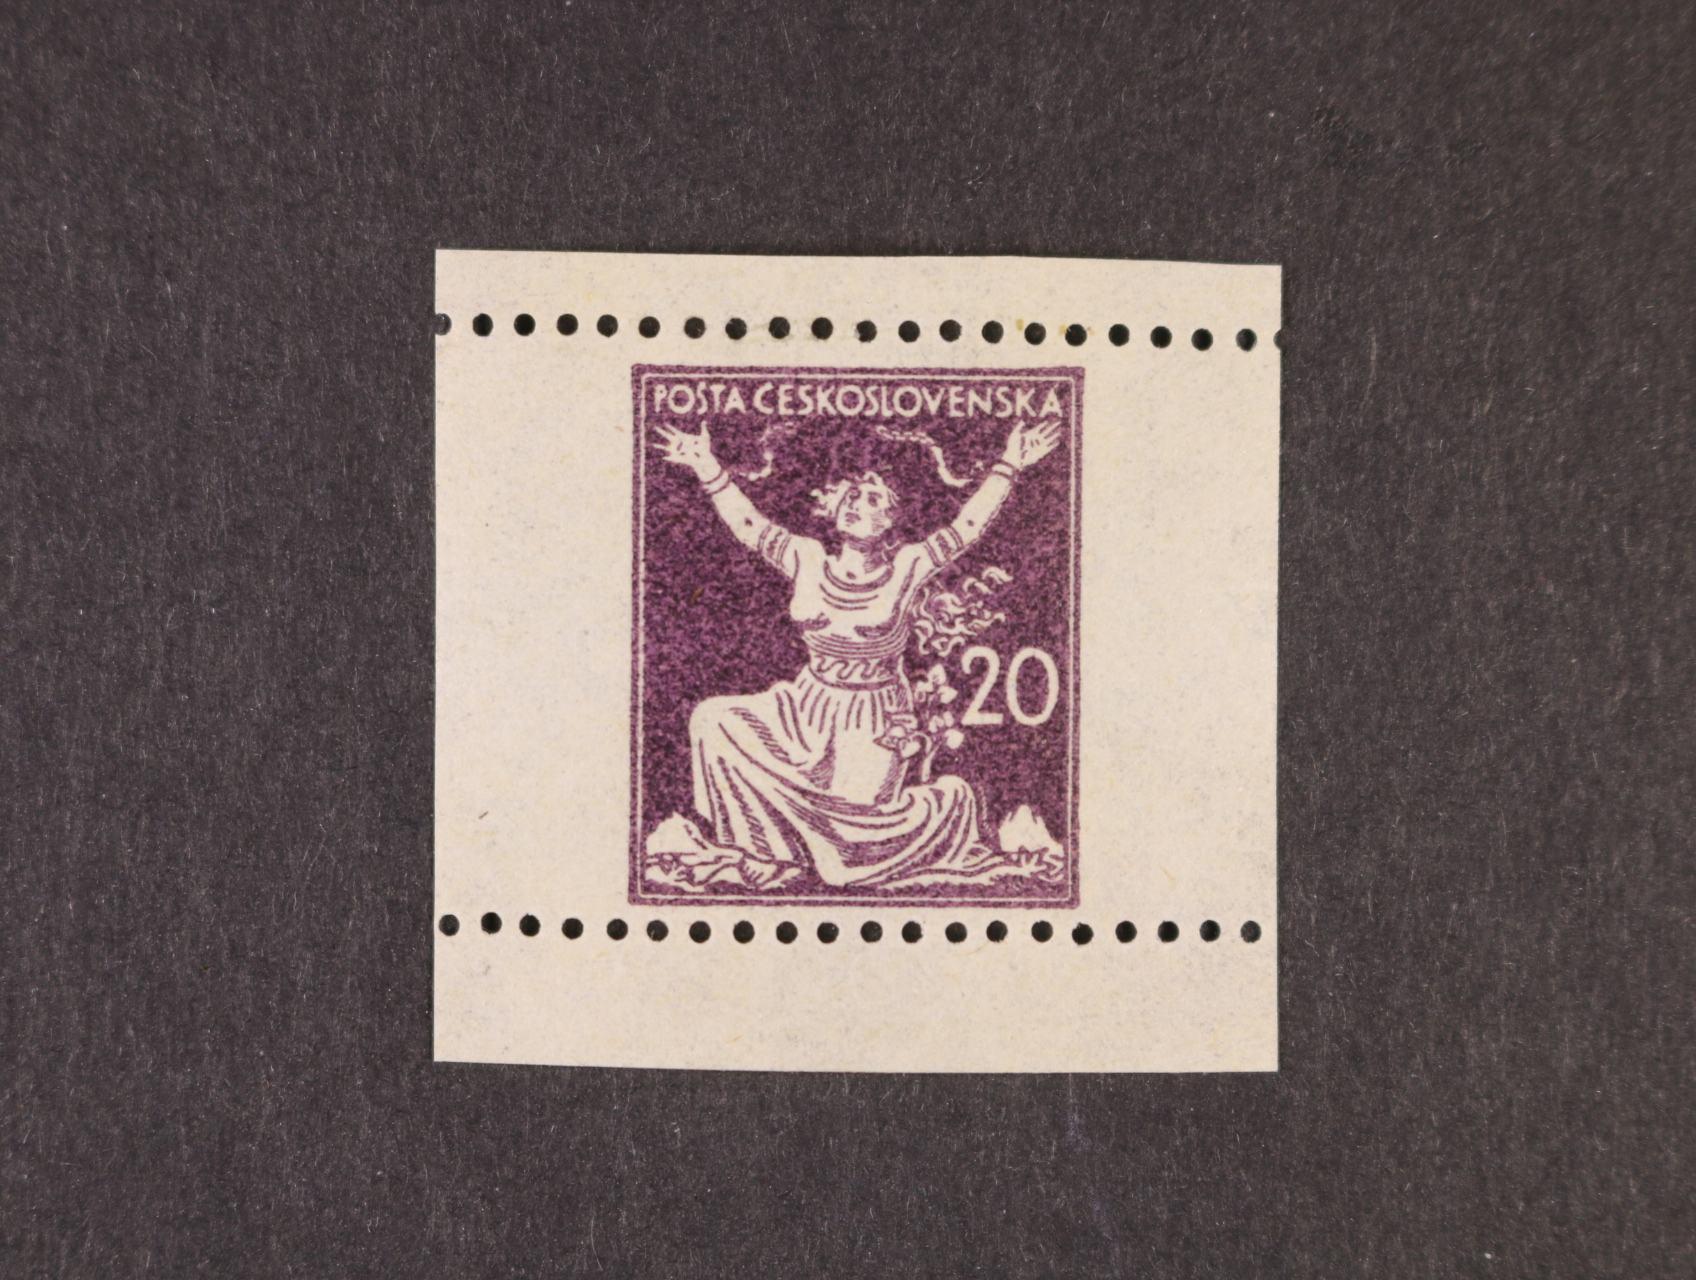 ZT 20h v barvě fialově hnědé s vodorovnou perforací, 2. návrh s jednou nominál. hodnotou vpravo ze soutisku, zk. Vrba